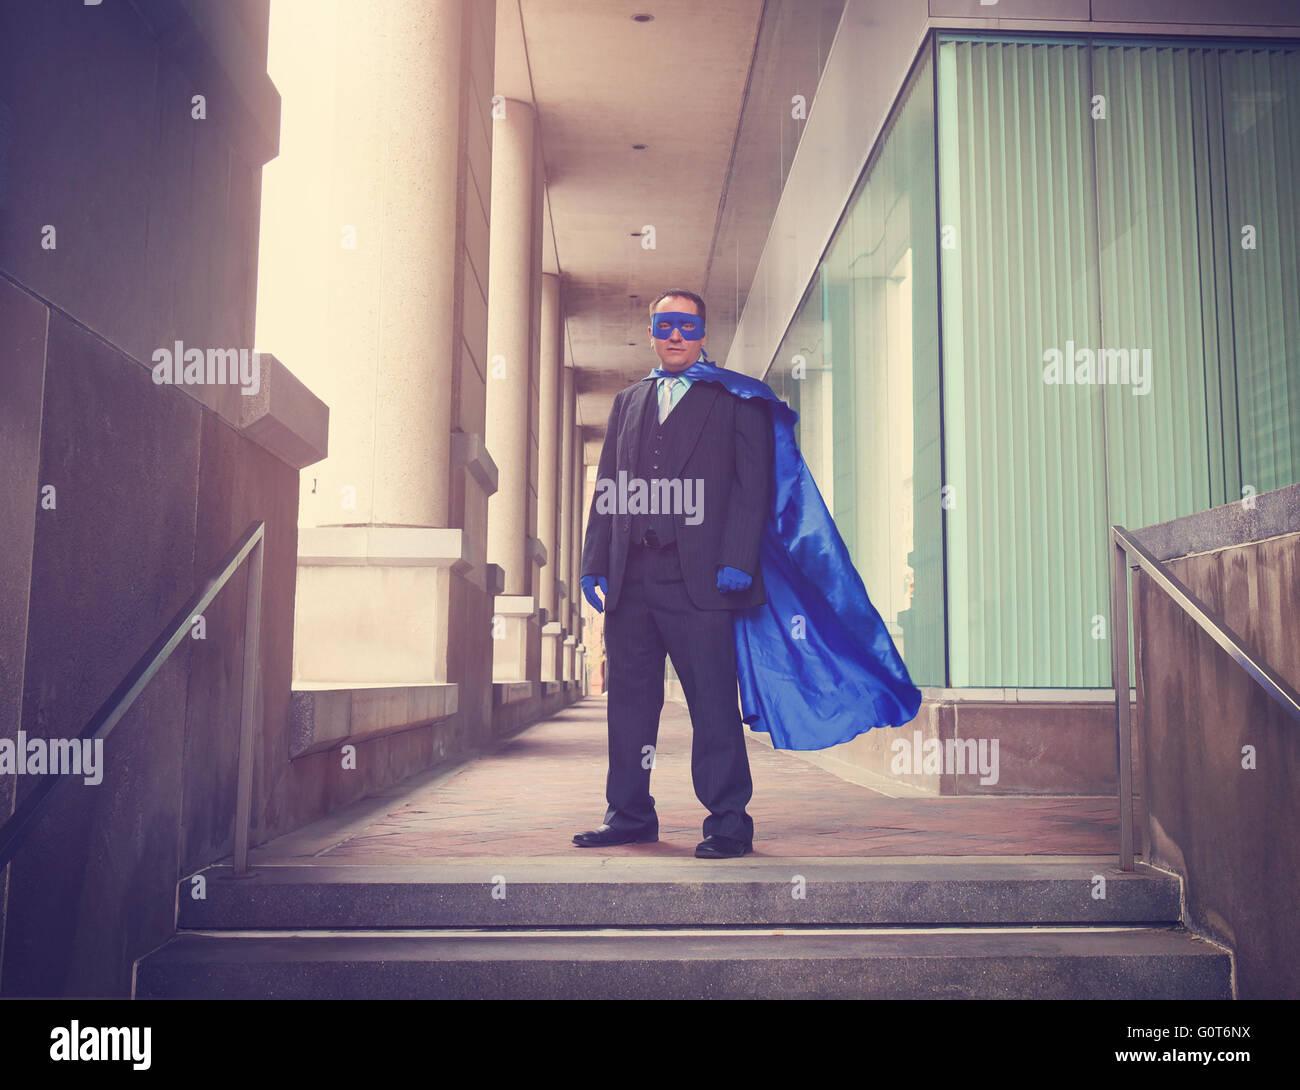 Un hombre de negocios está vistiendo un traje azul súper héroe con un traje en una ciudad para una Imagen De Stock